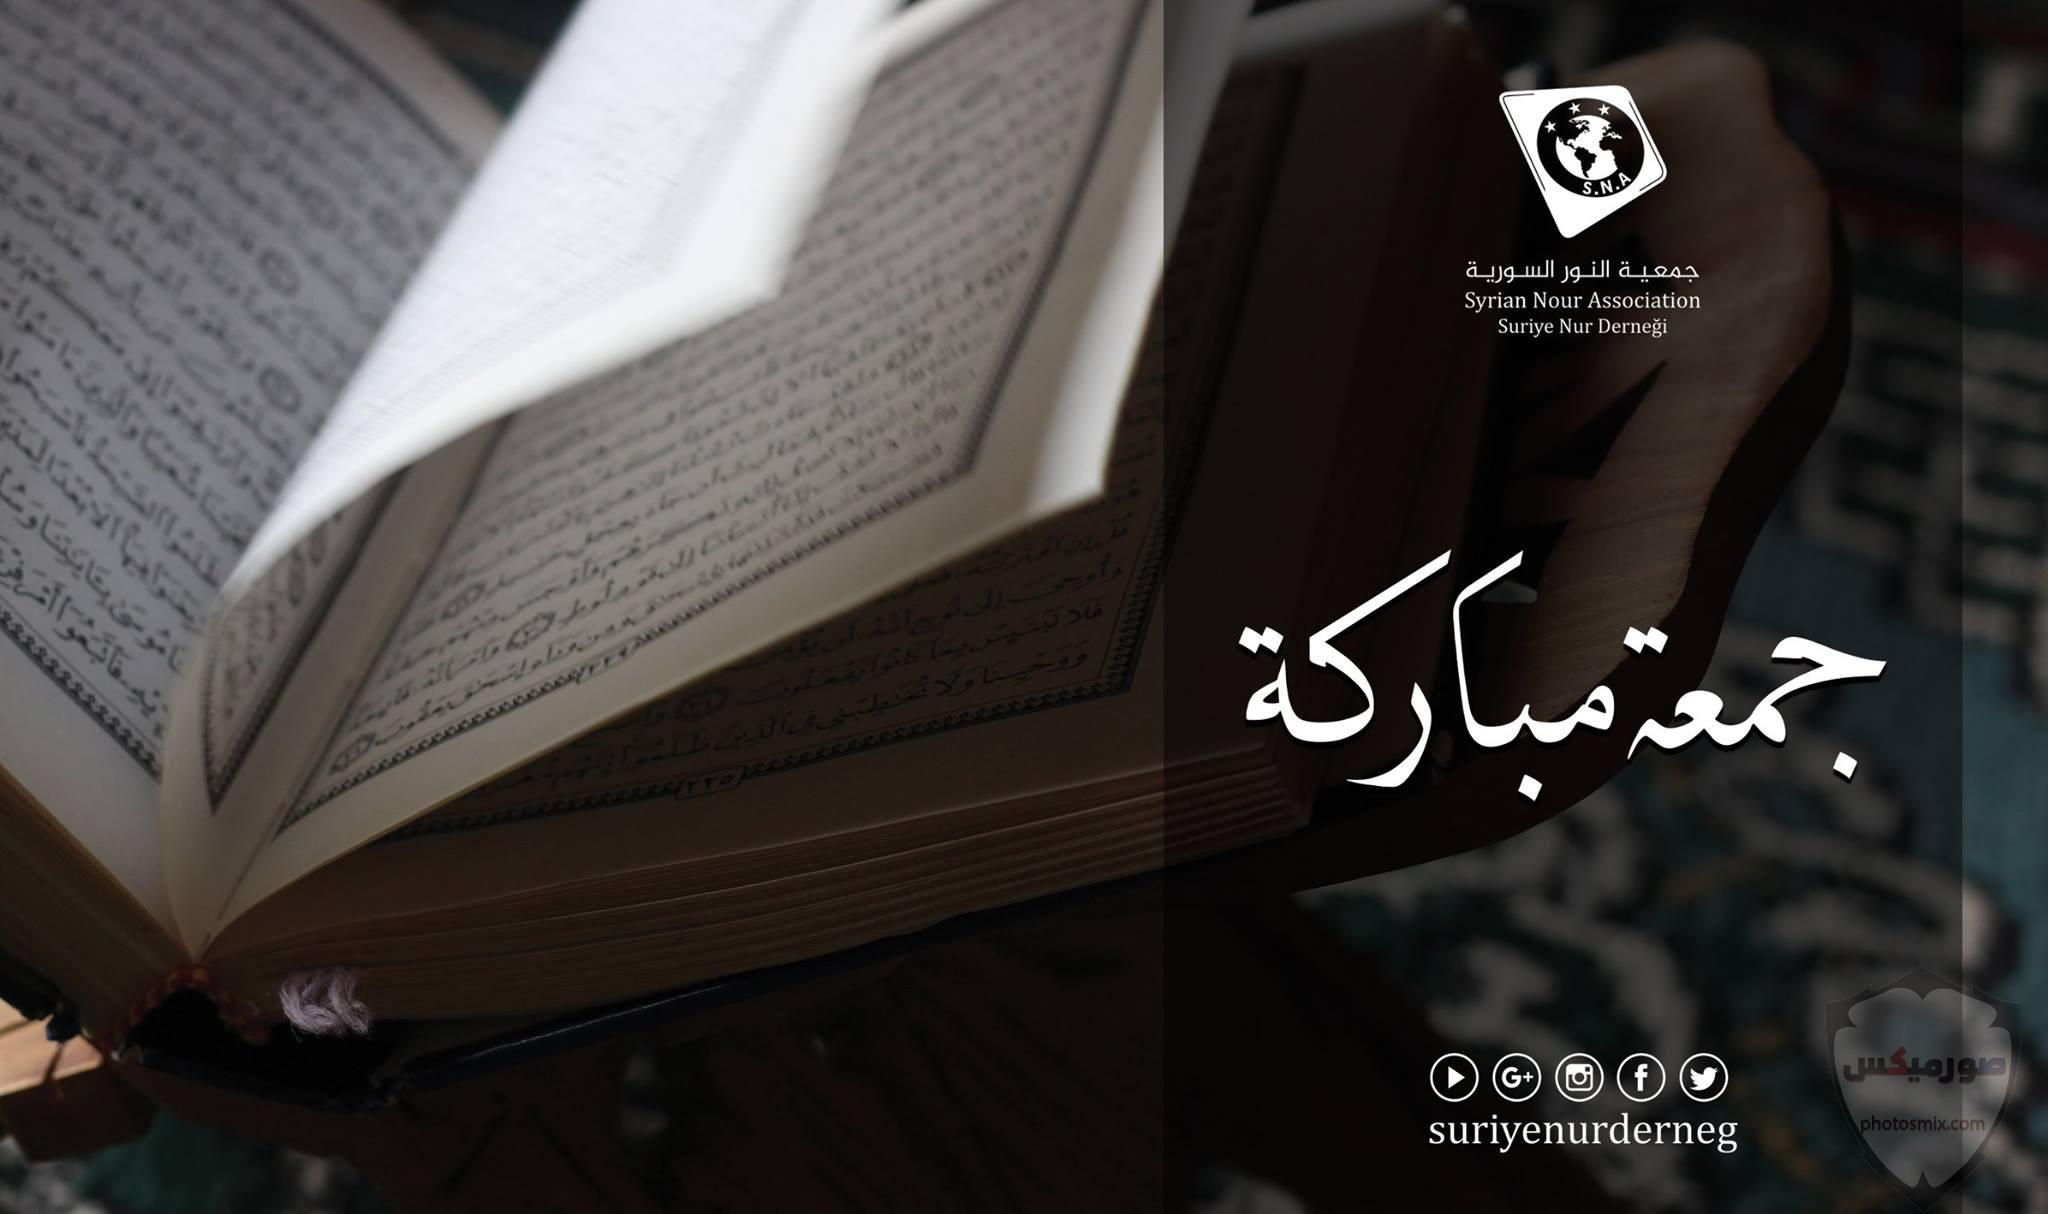 صور يوم الجمعة رمزيات جمعة مباركة فيس بوك واتس اب 11